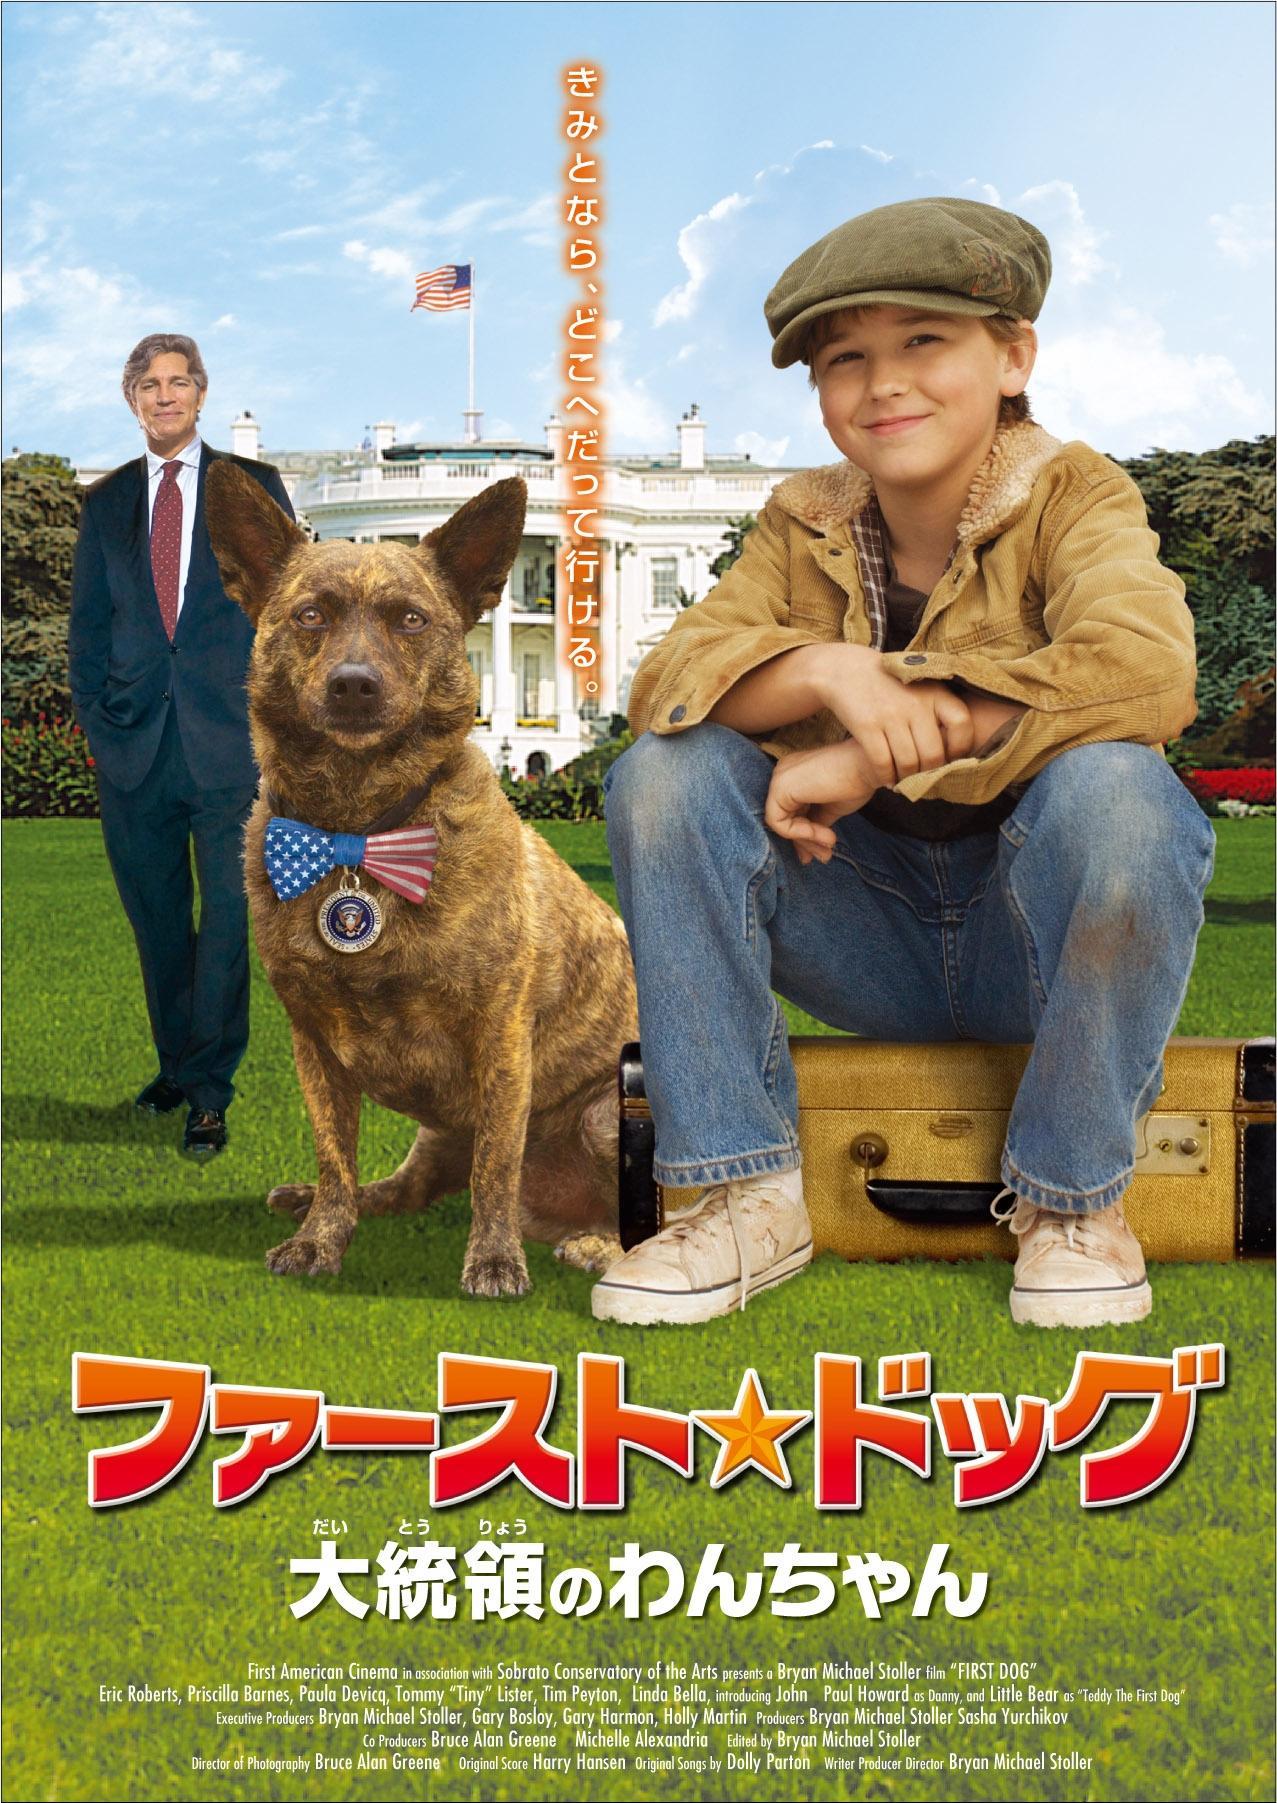 ファースト・ドッグ~大統領のわんちゃん のサムネイル画像